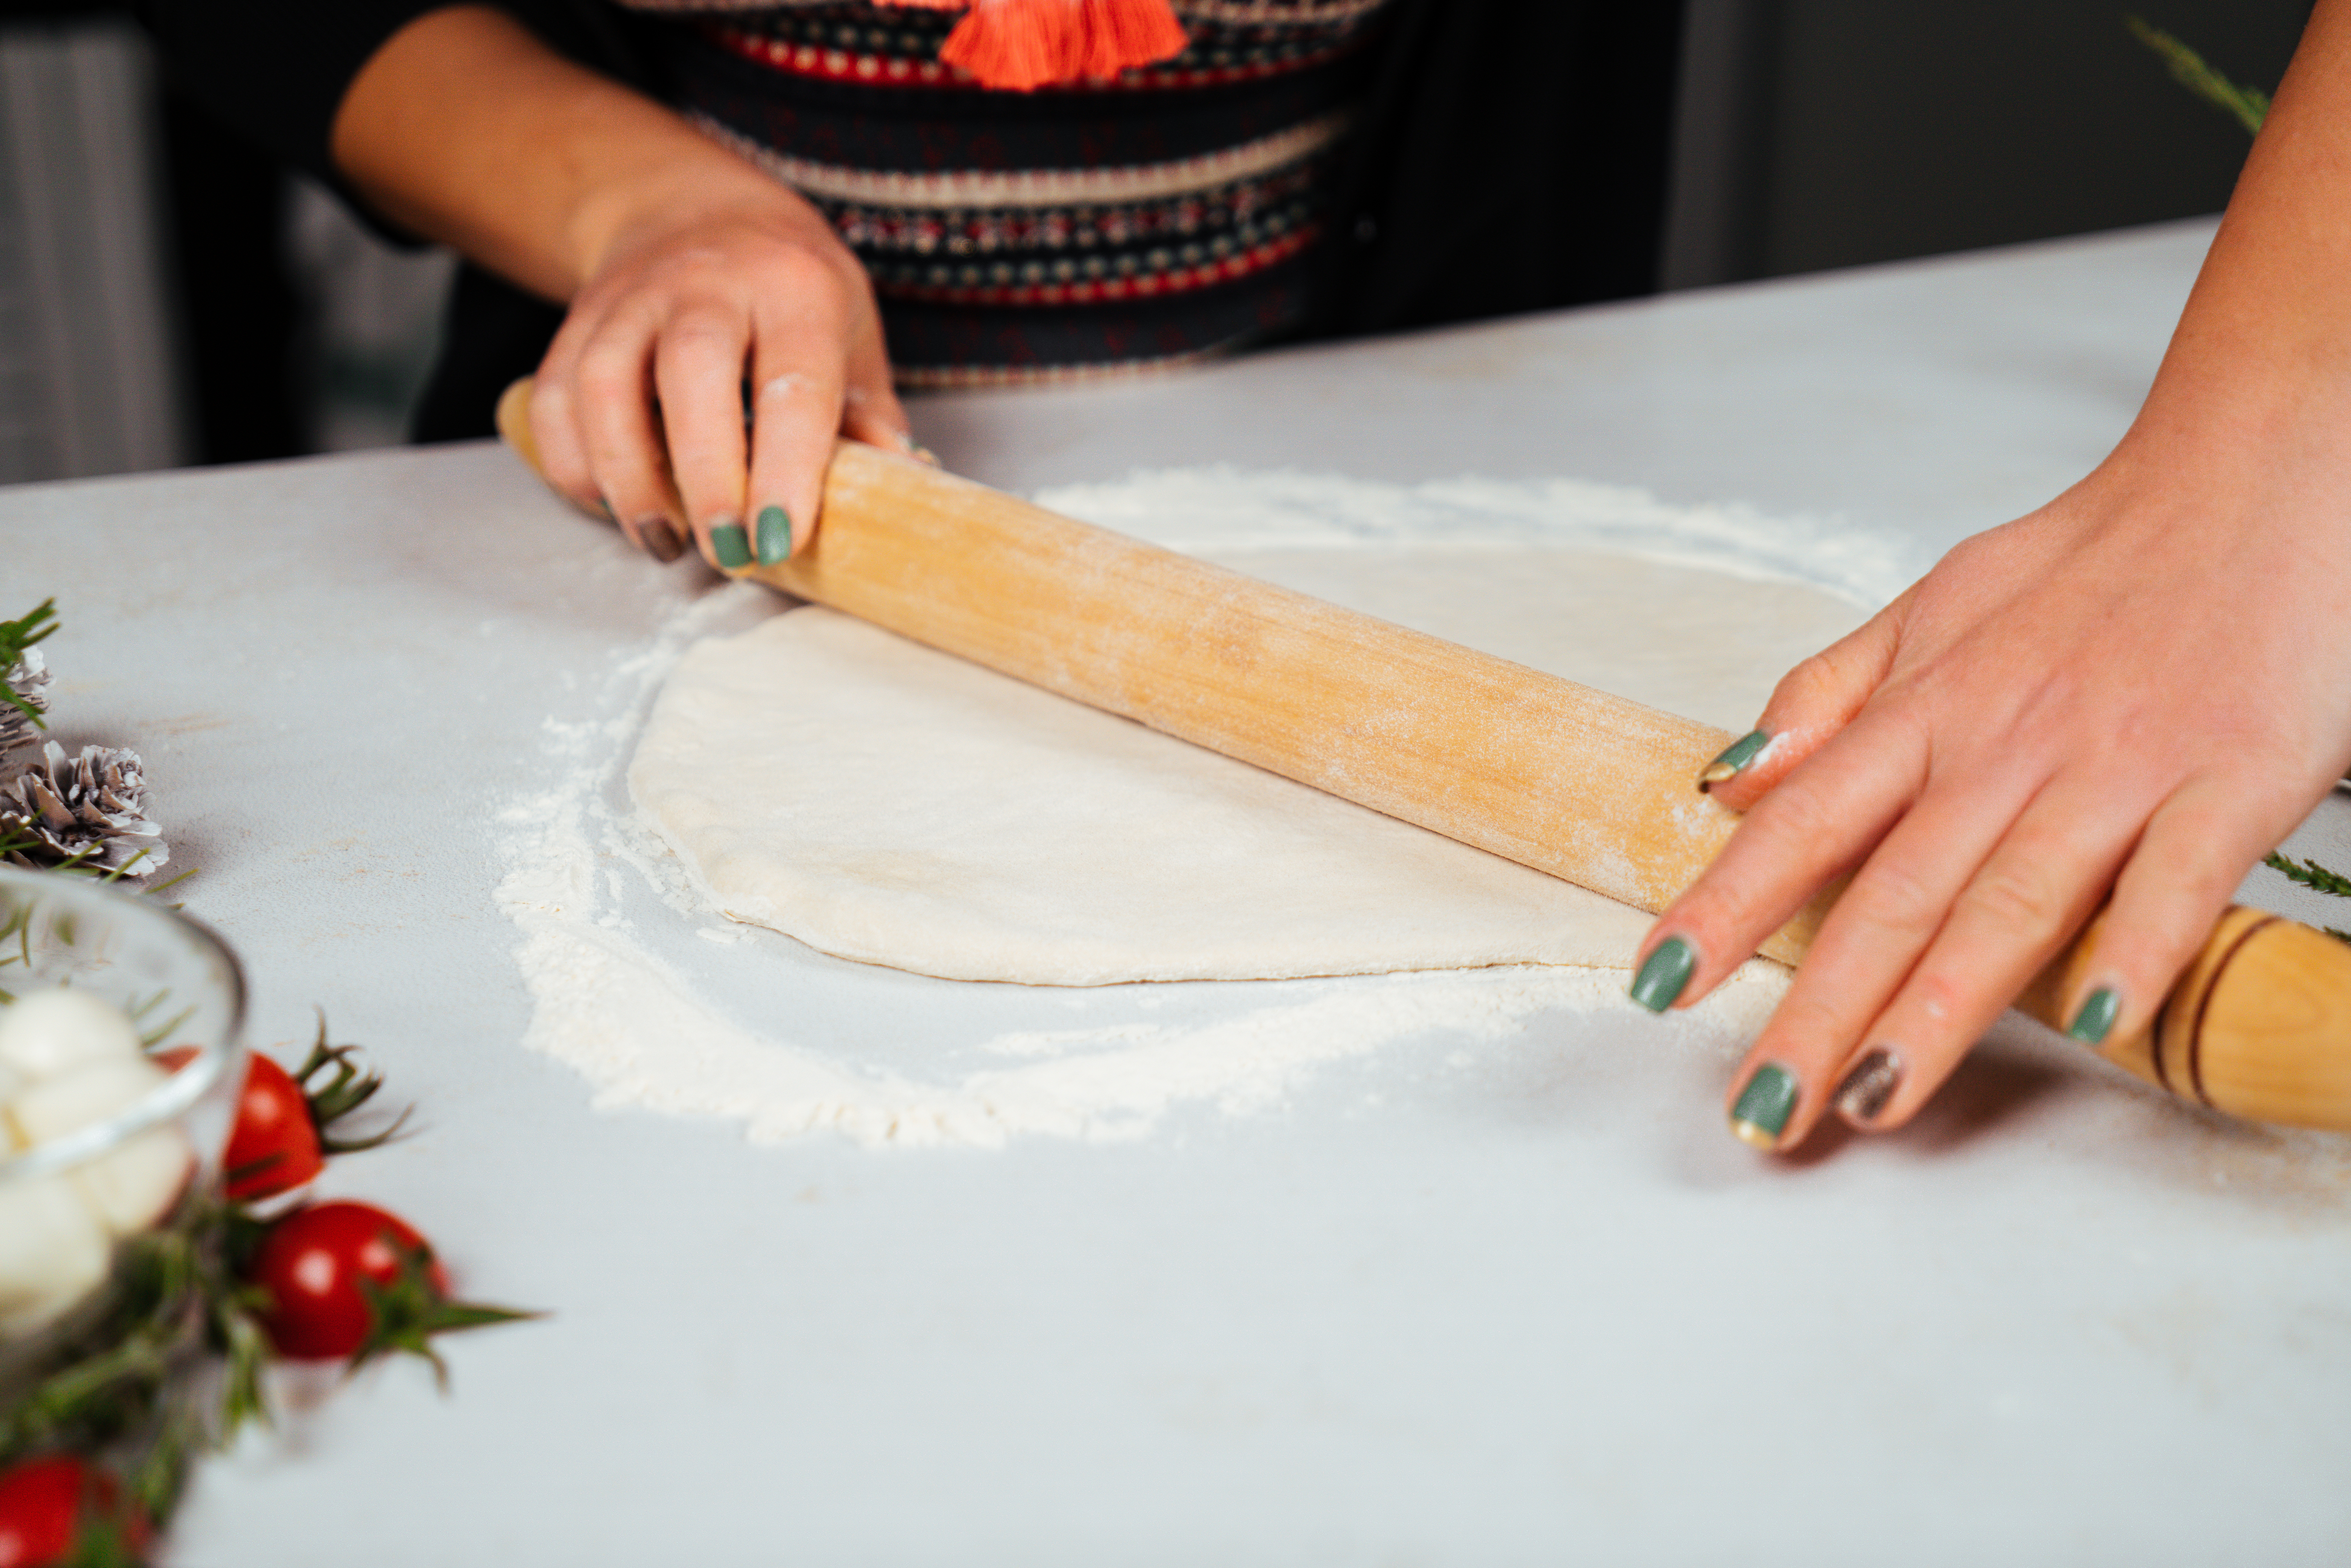 pasos para hacer una empanada de hojaldre, ideas de recetas con hojaldre fáciles y rápidas para un menú navideño